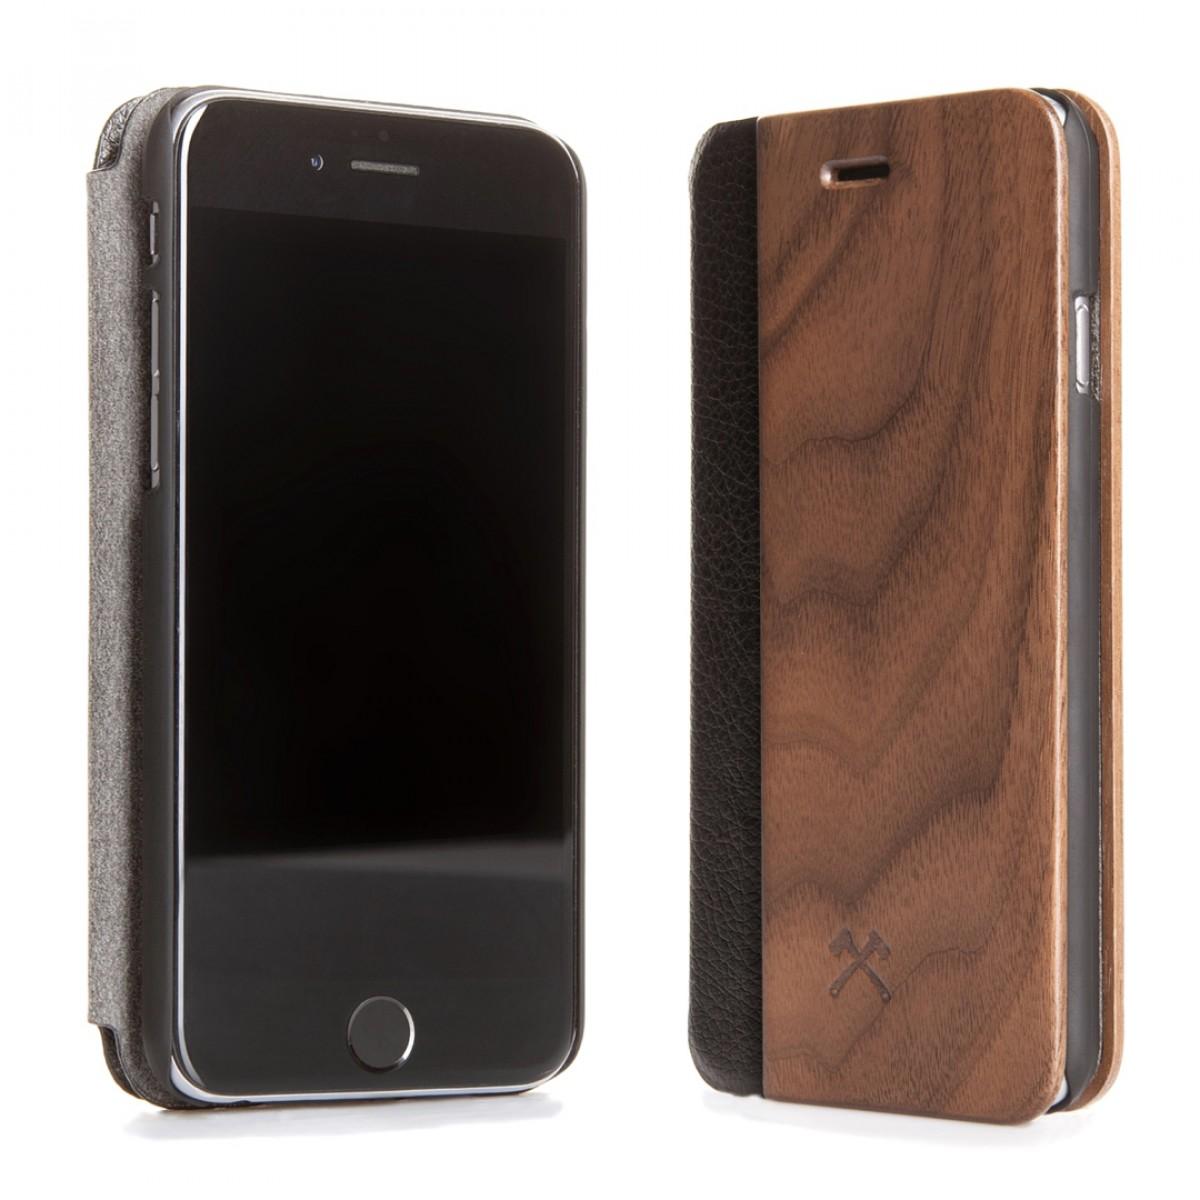 Woodcessories - EcoFlip Case - Premium Design Hülle, Case, Cover für das iPhone aus FSC zert. Holz & natürlicher Lederoptik (iPhone X, Walnuss)